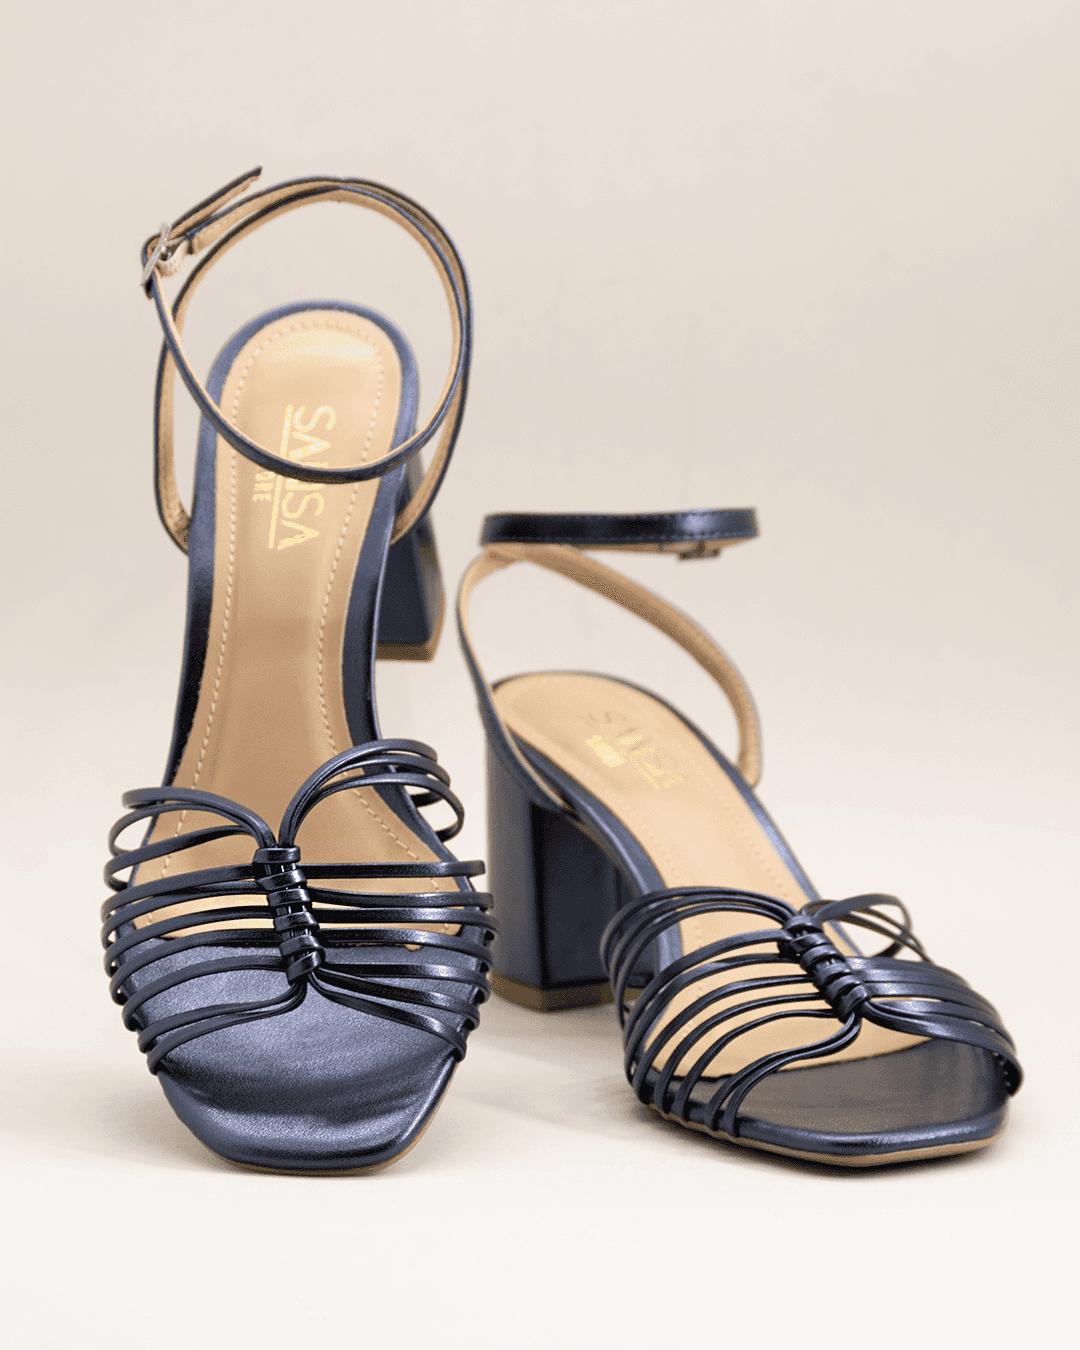 Sandália salto alto grosso com tiras zaffira